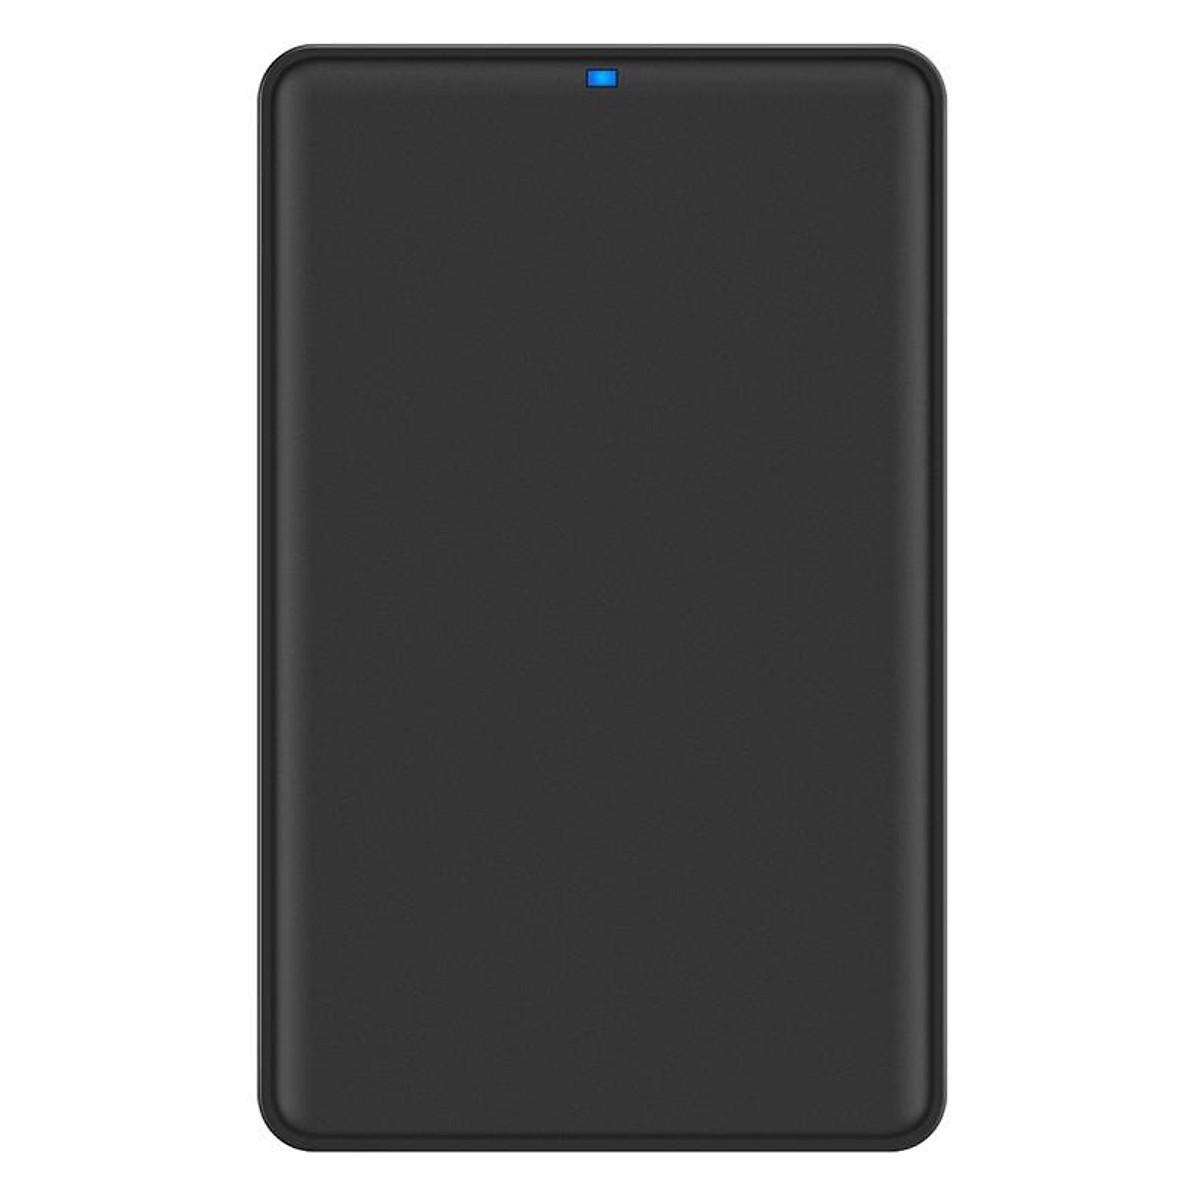 Hộp Đựng Ổ Cứng 2.5 inch To USB 3.0